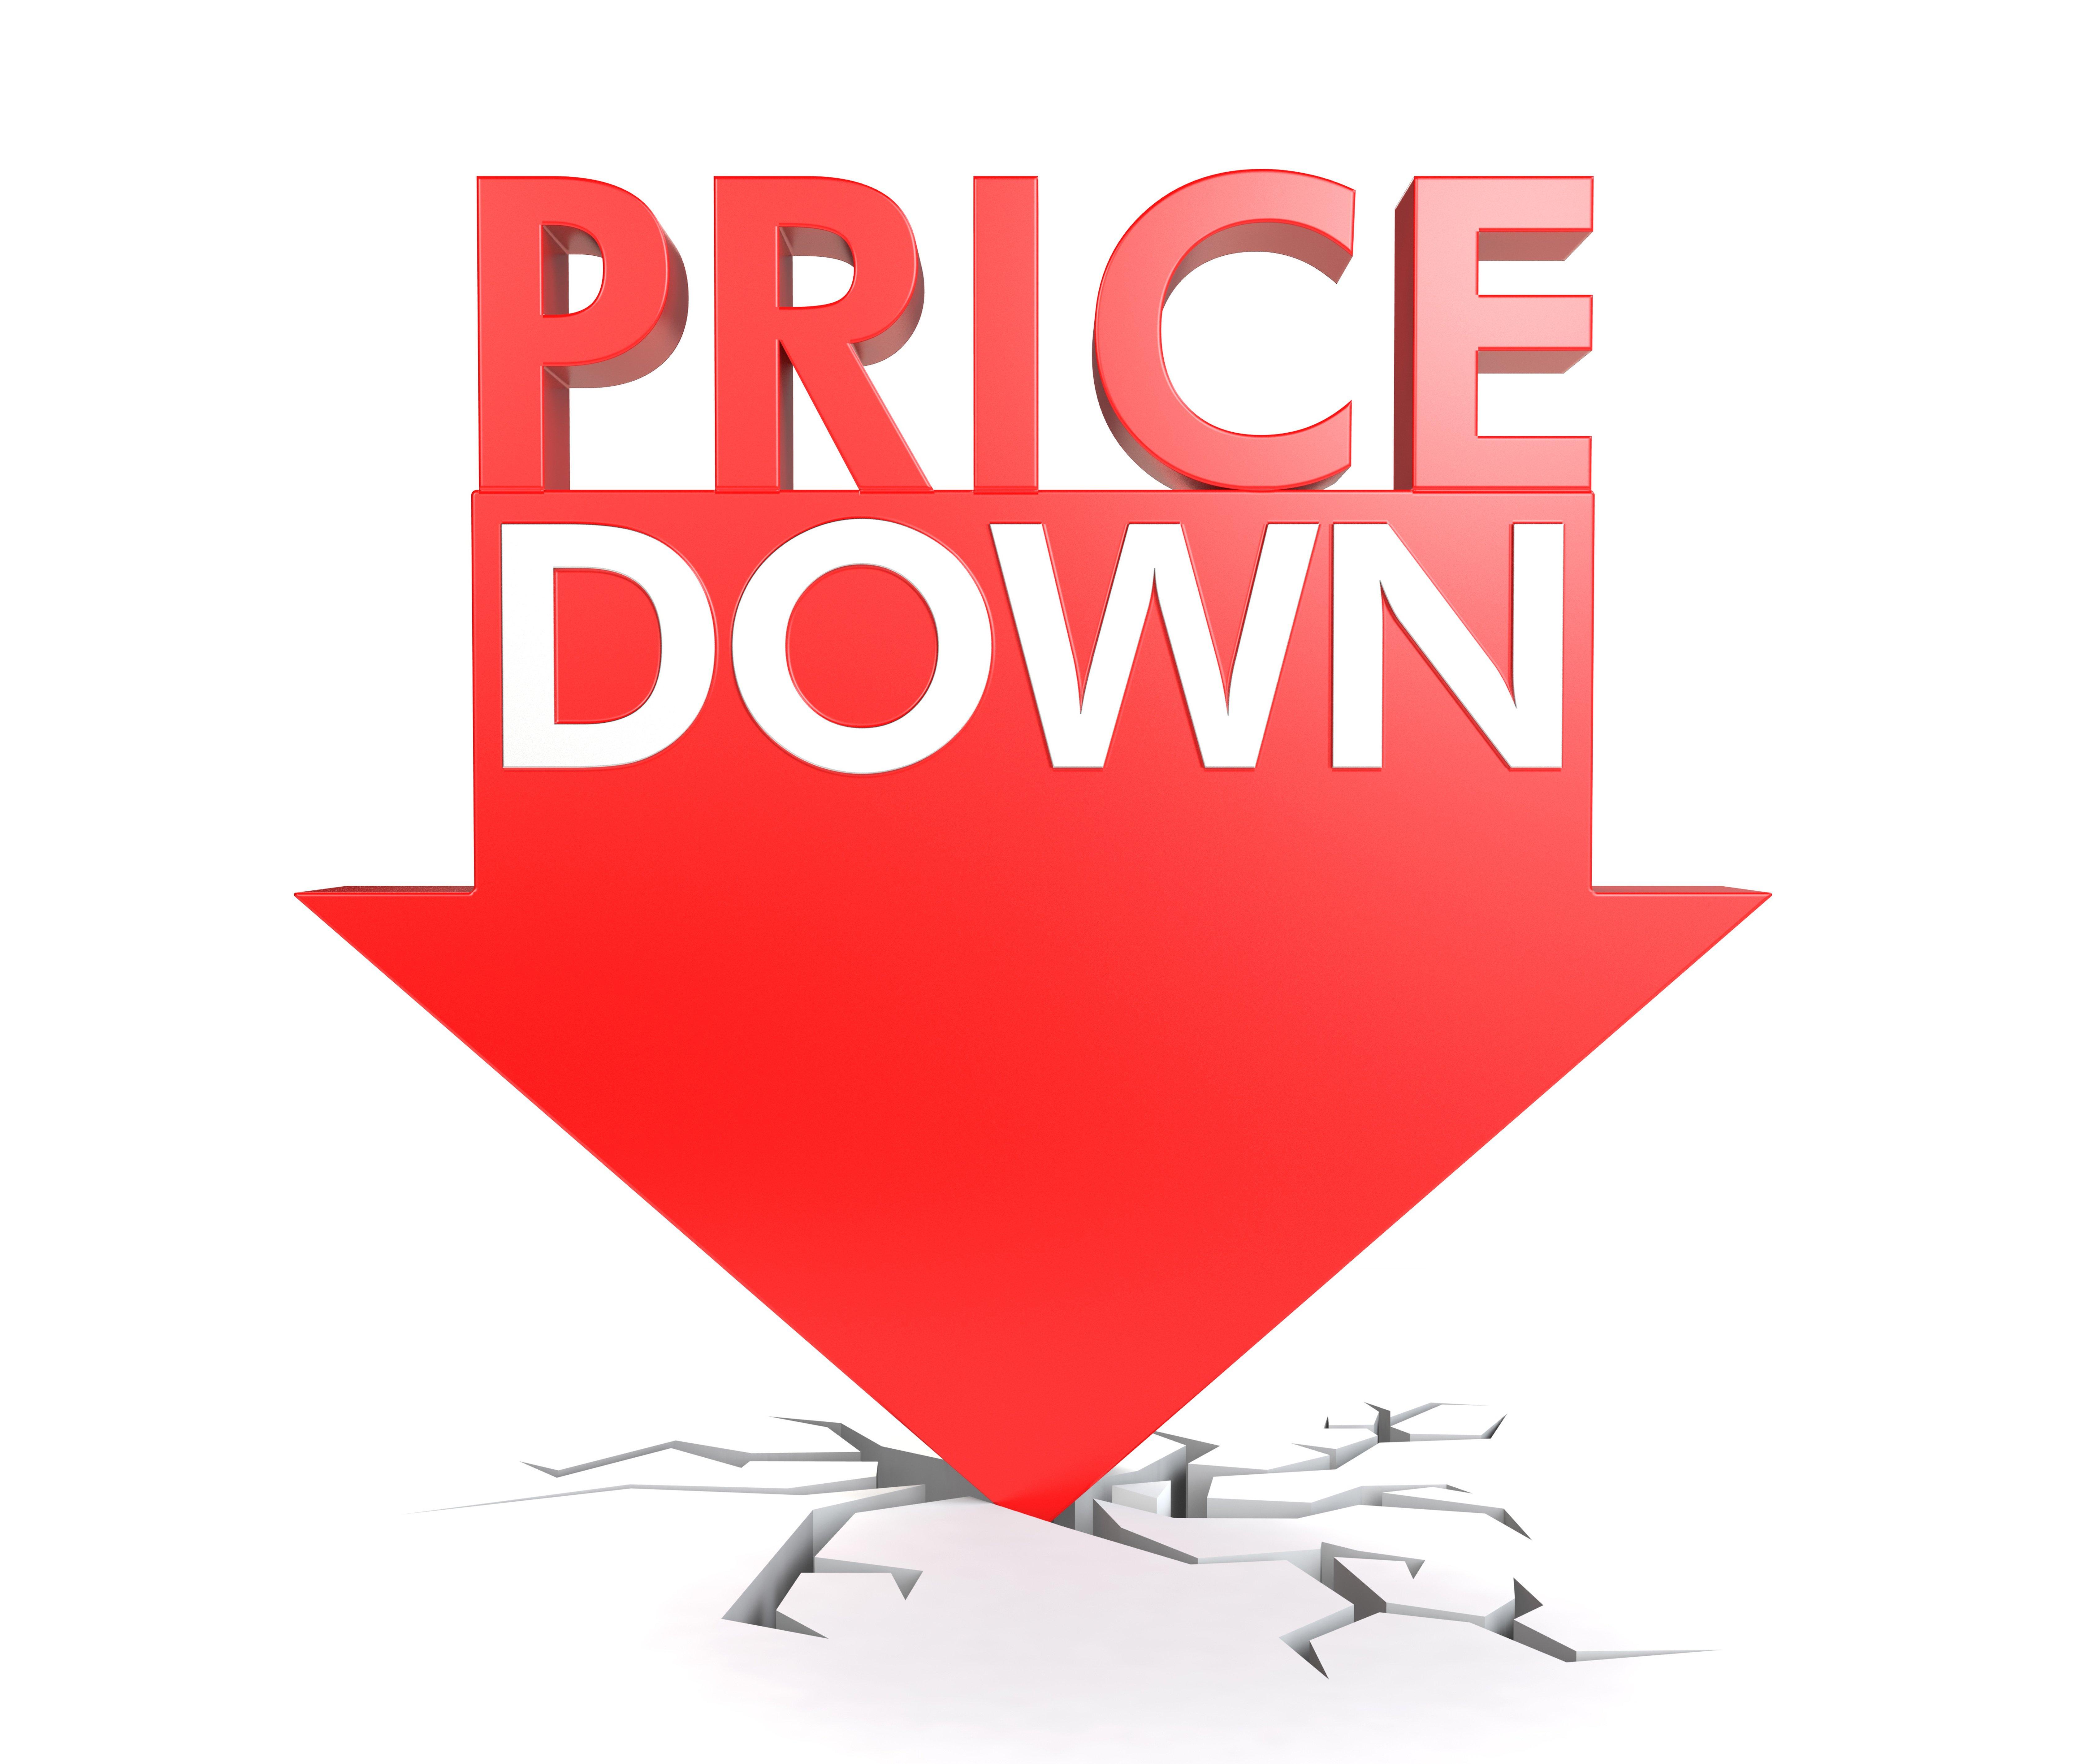 ブランディングができていないと価格競争が生じる